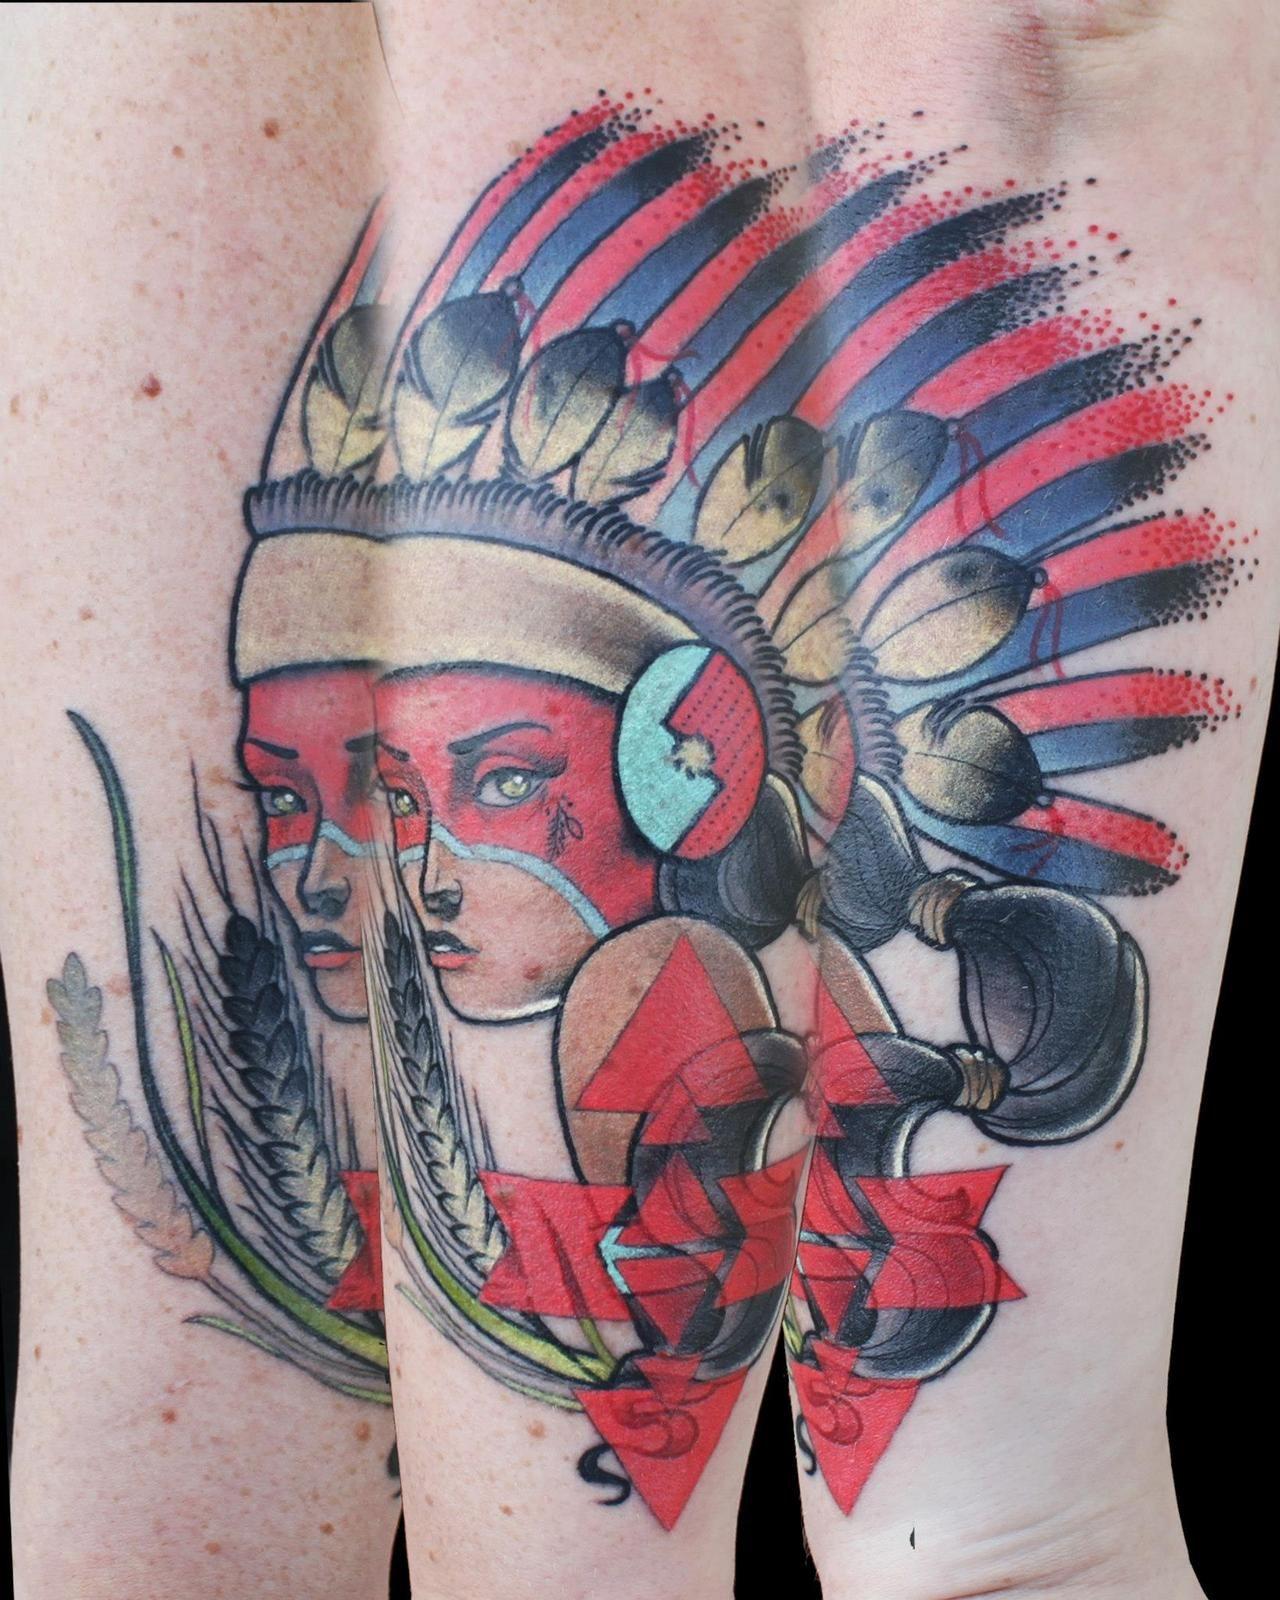 Amazing face tattoos by cody eich fonda lashay design